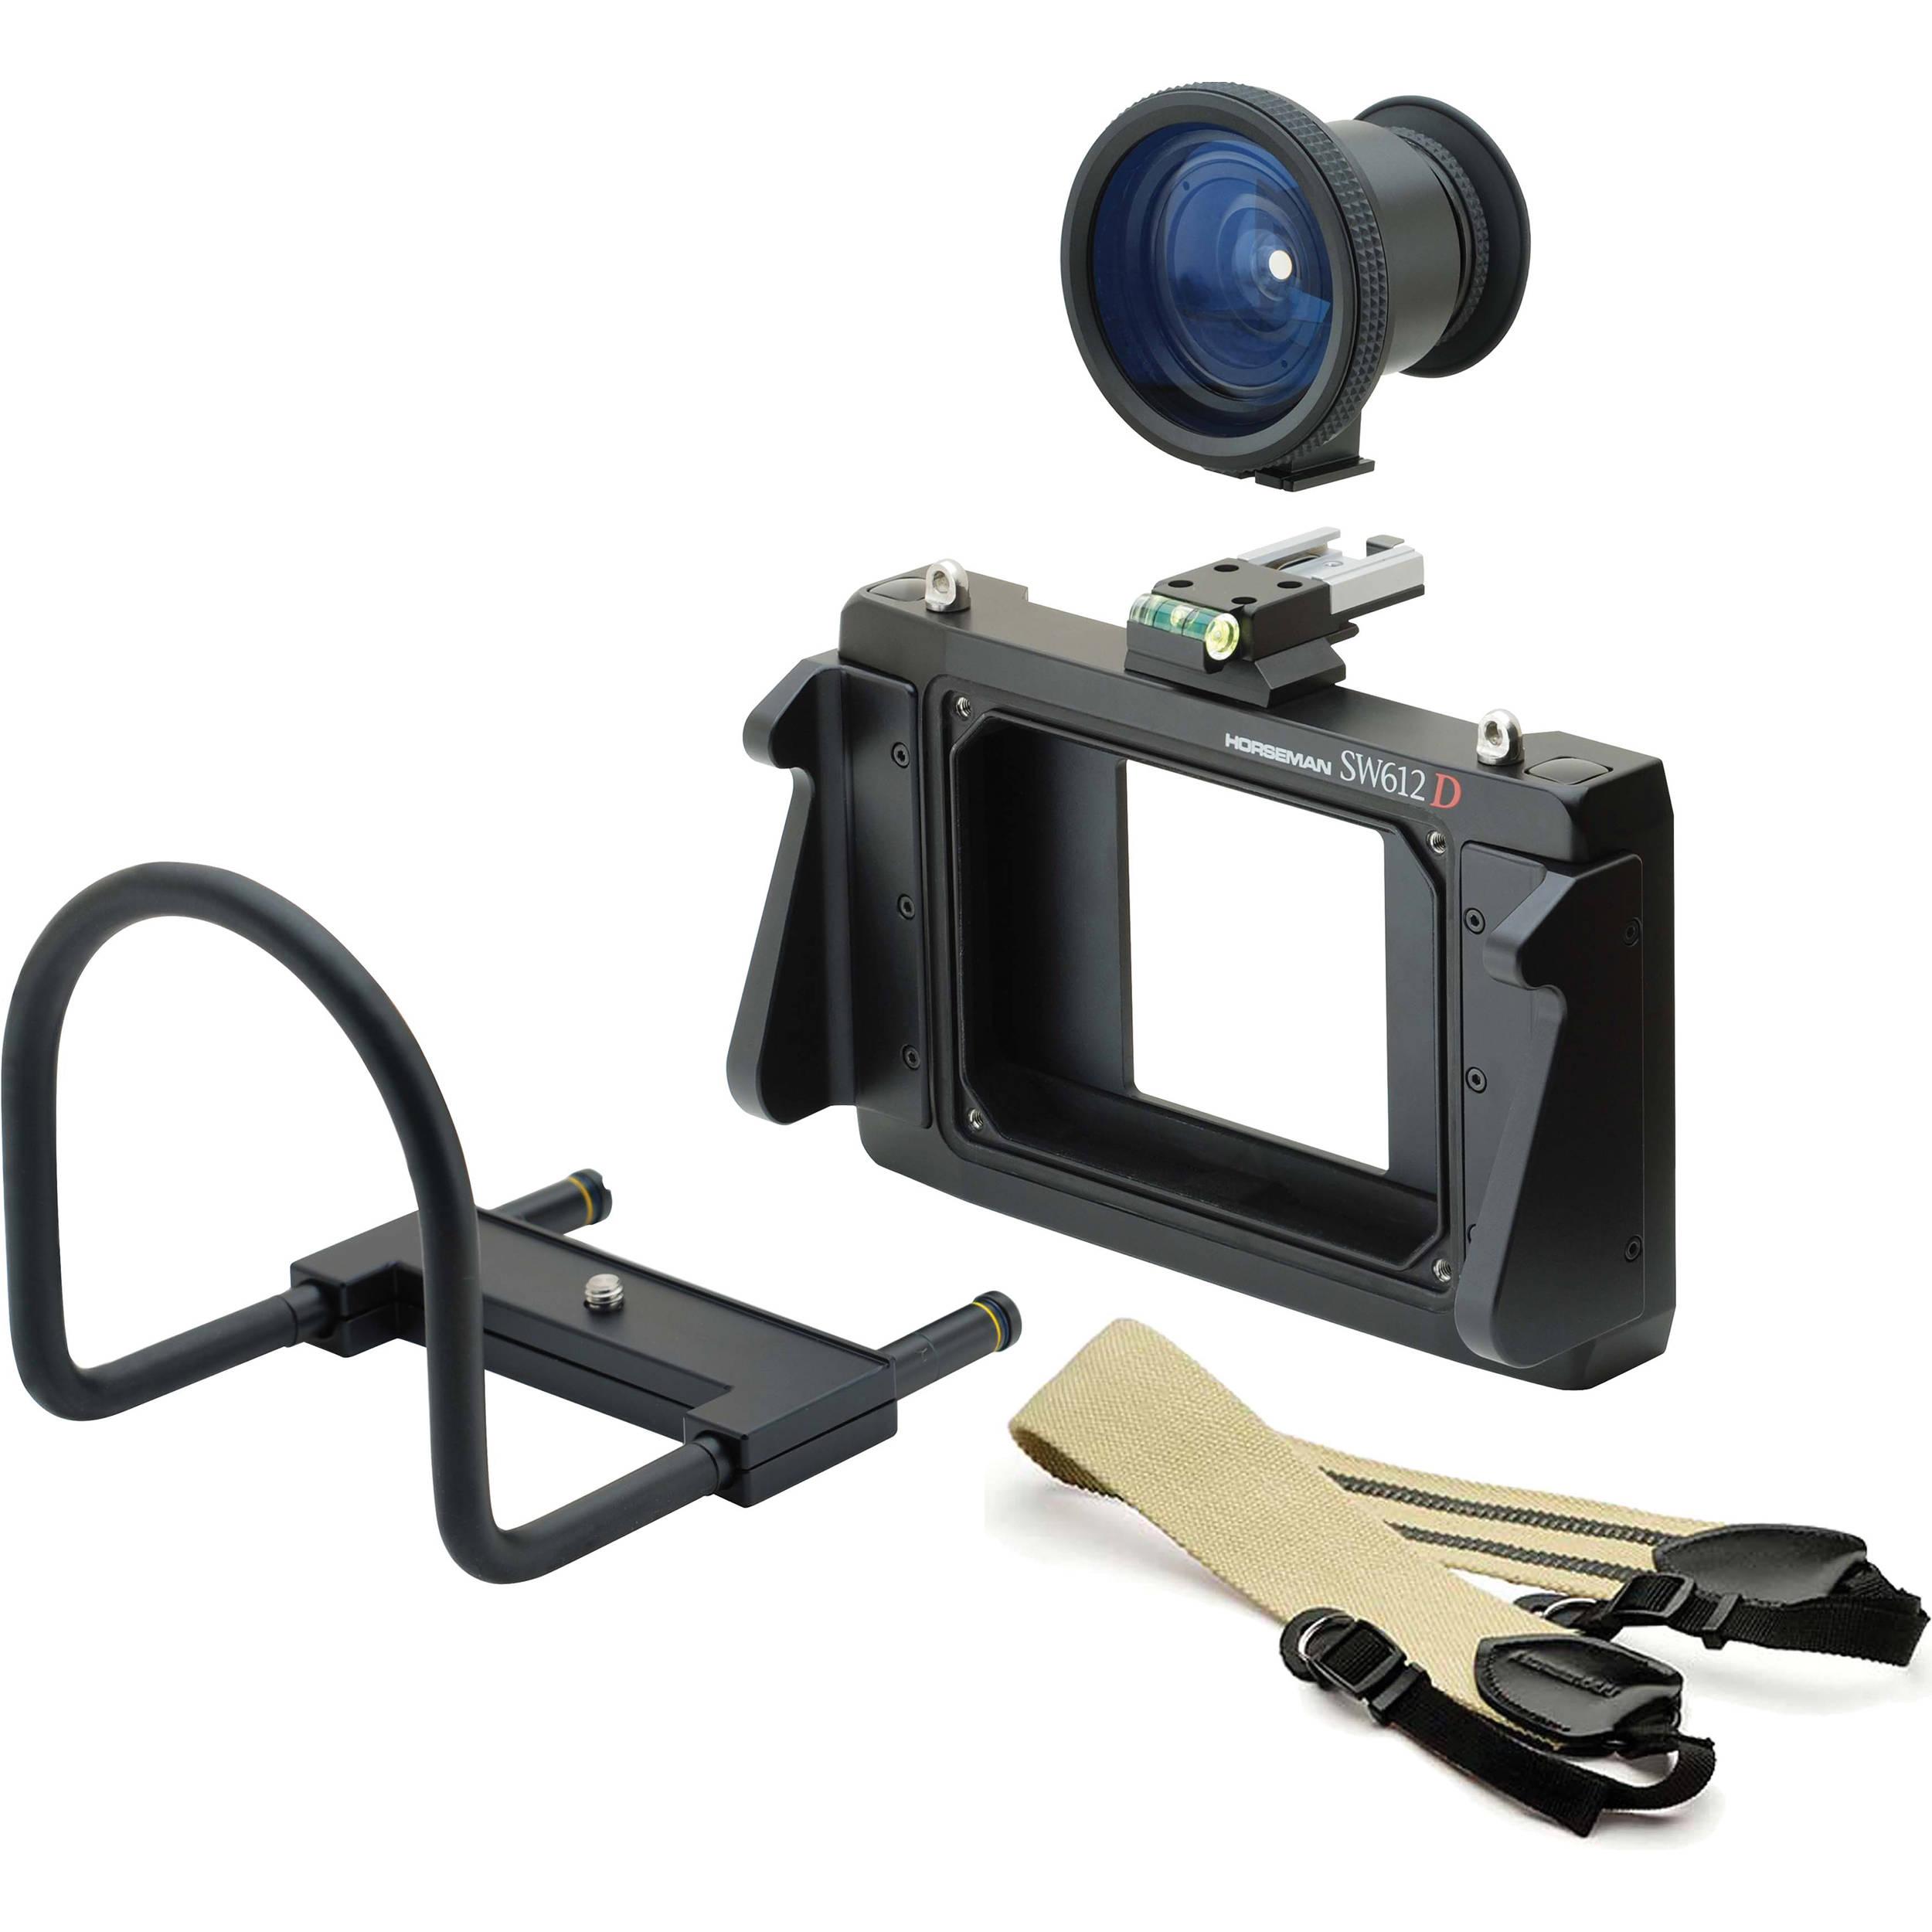 Medium Format Digital Cameras | B&H Photo Video